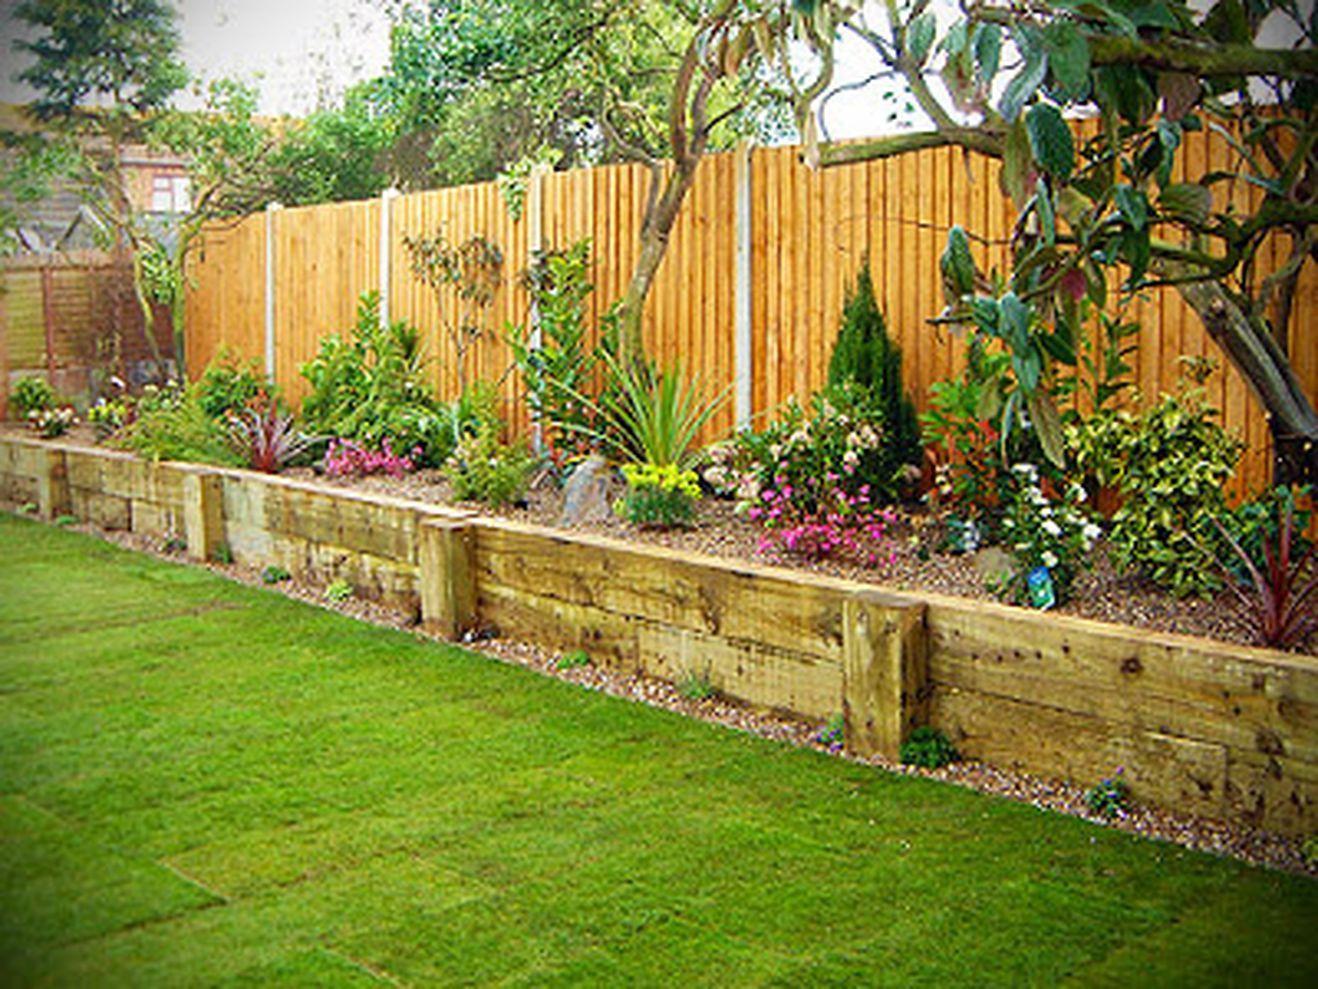 62 Affordable Backyard Vegetable Garden Designs Ideas | Backyard ...